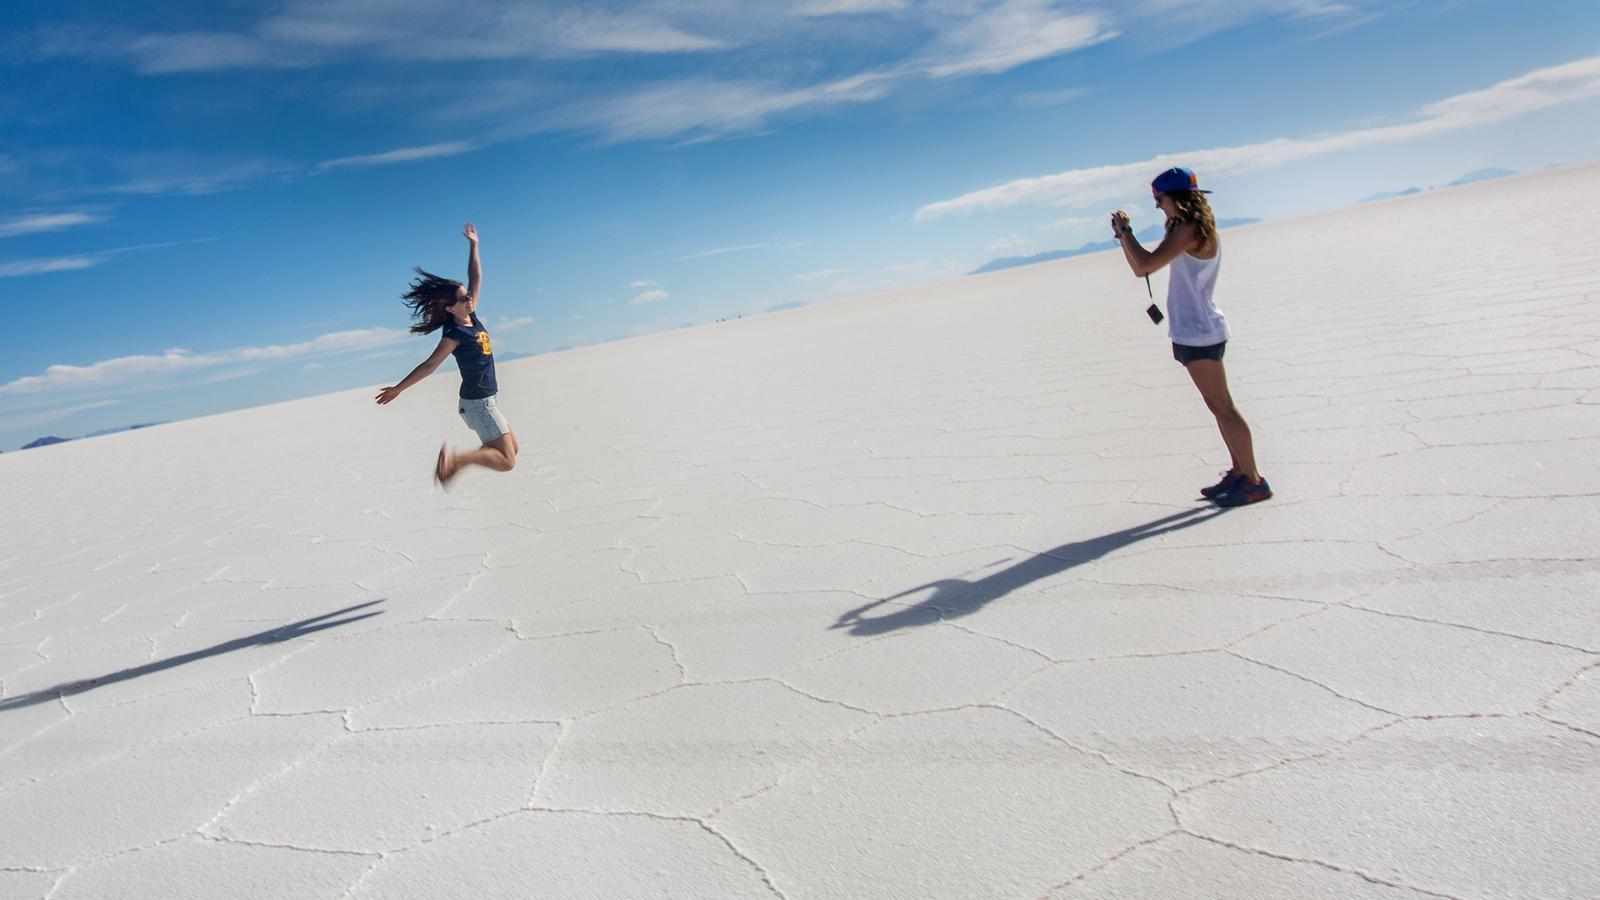 Gruppenreise für junge Leute durch Südamerika